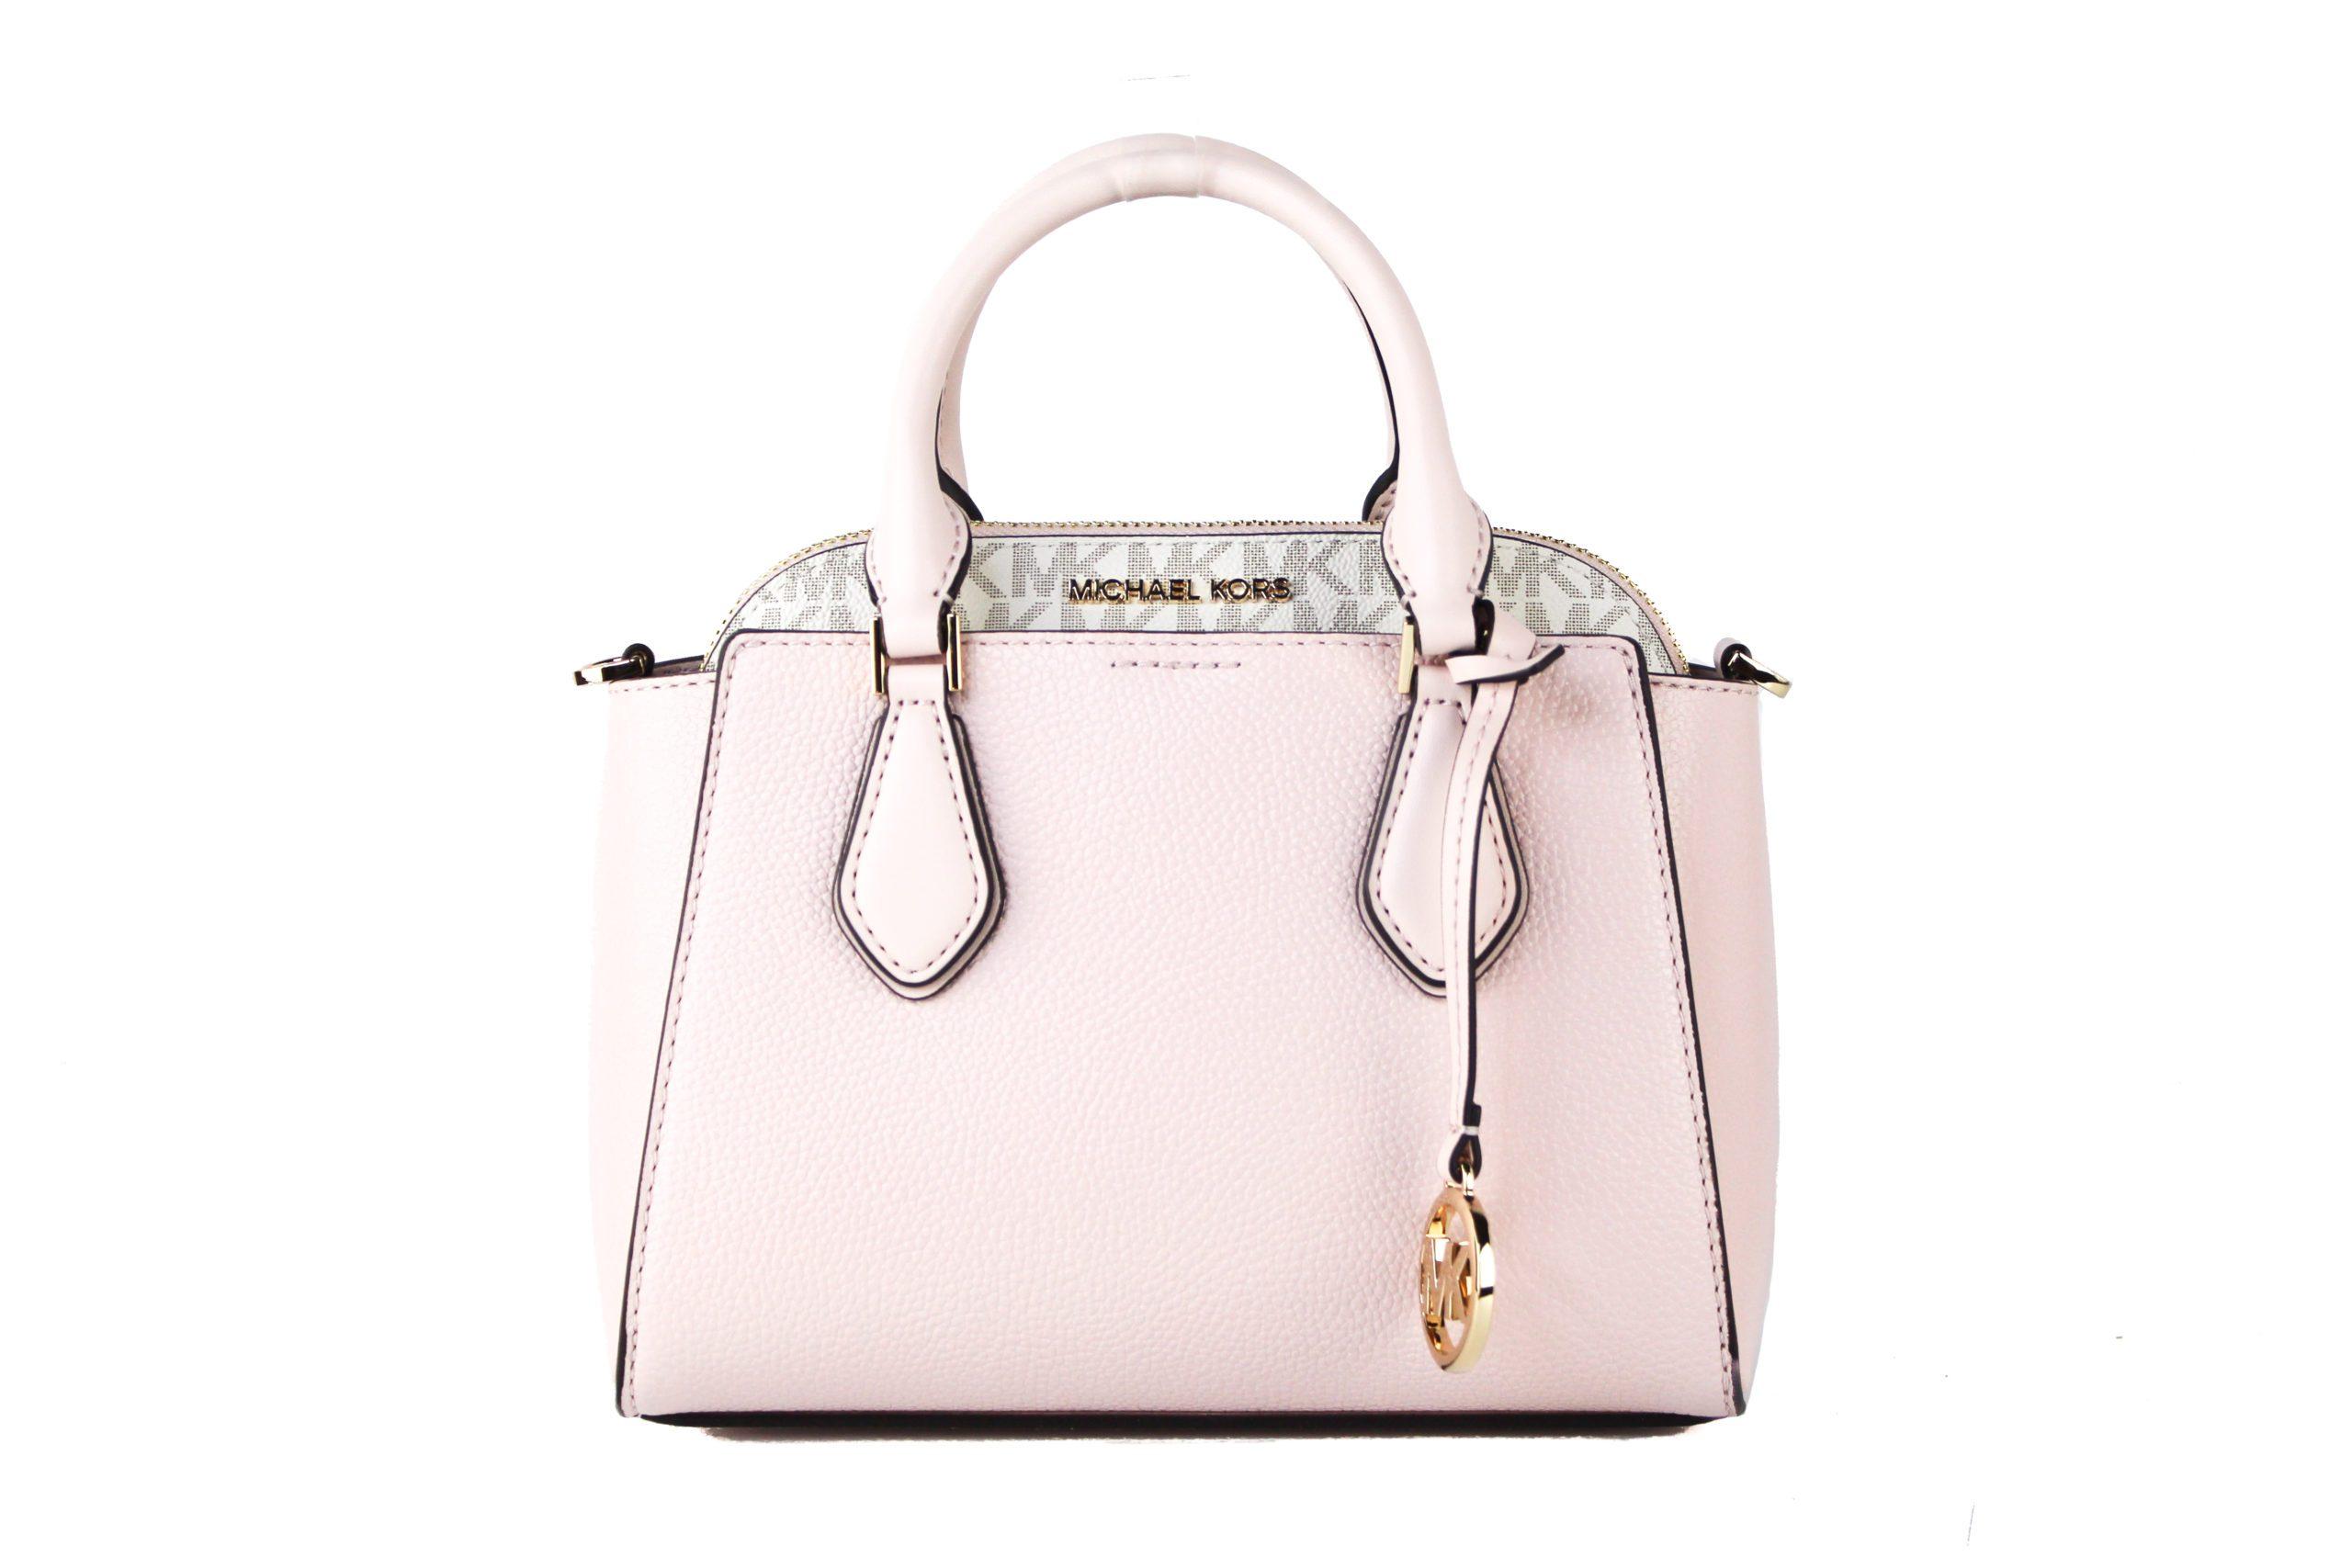 Michael Kors Women's Daria Crossbody Bag Pink 23365